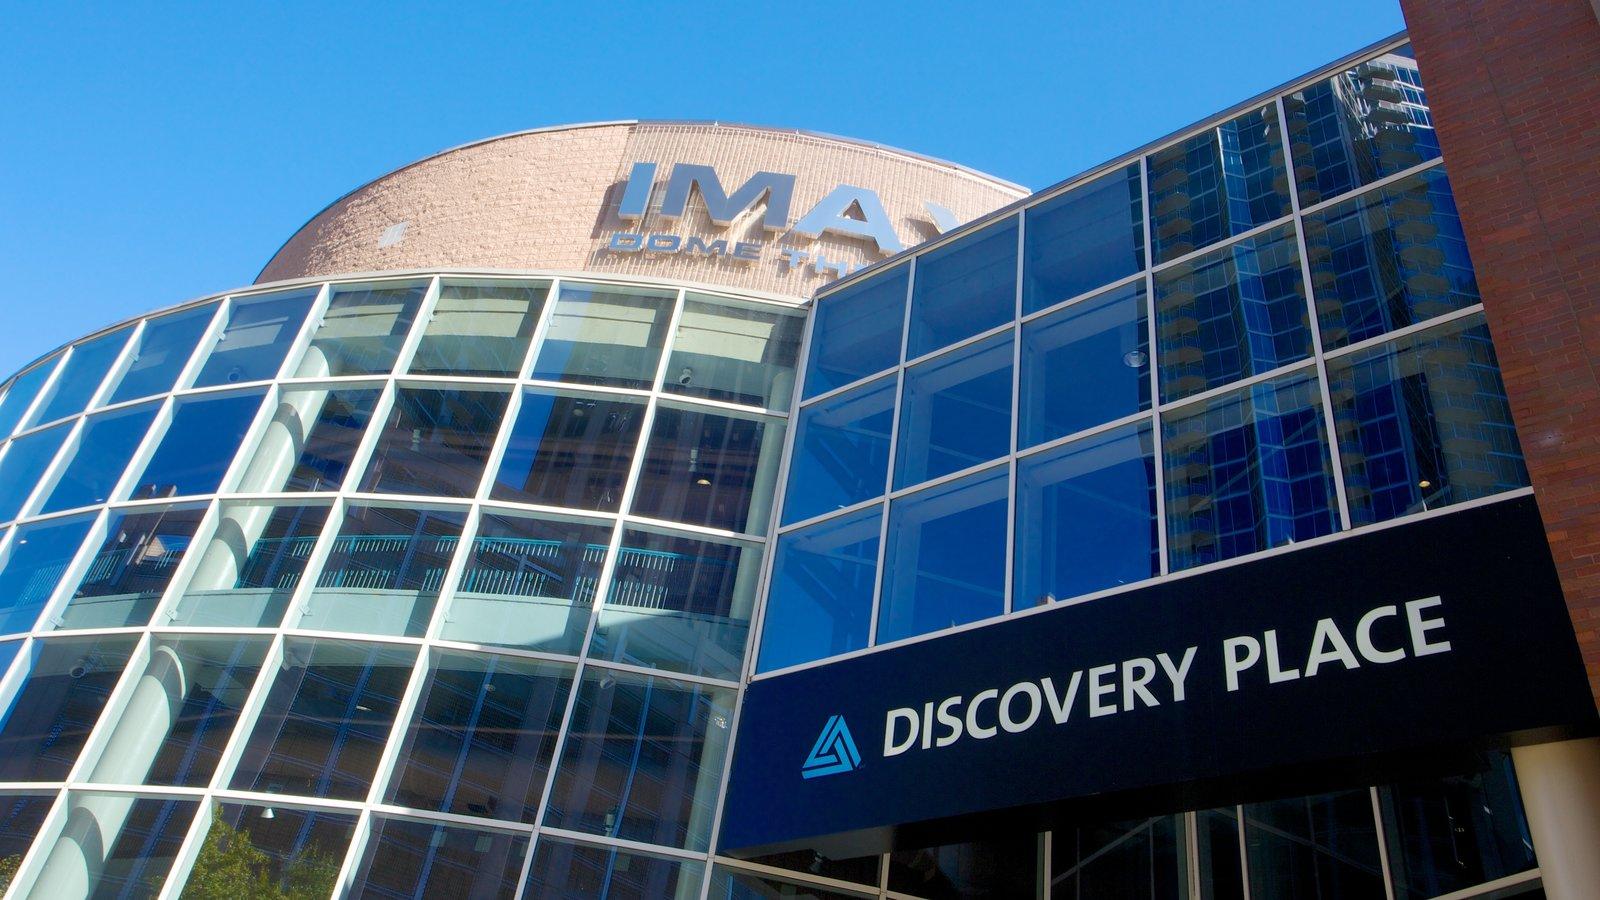 Discovery Place que inclui arquitetura moderna e uma cidade